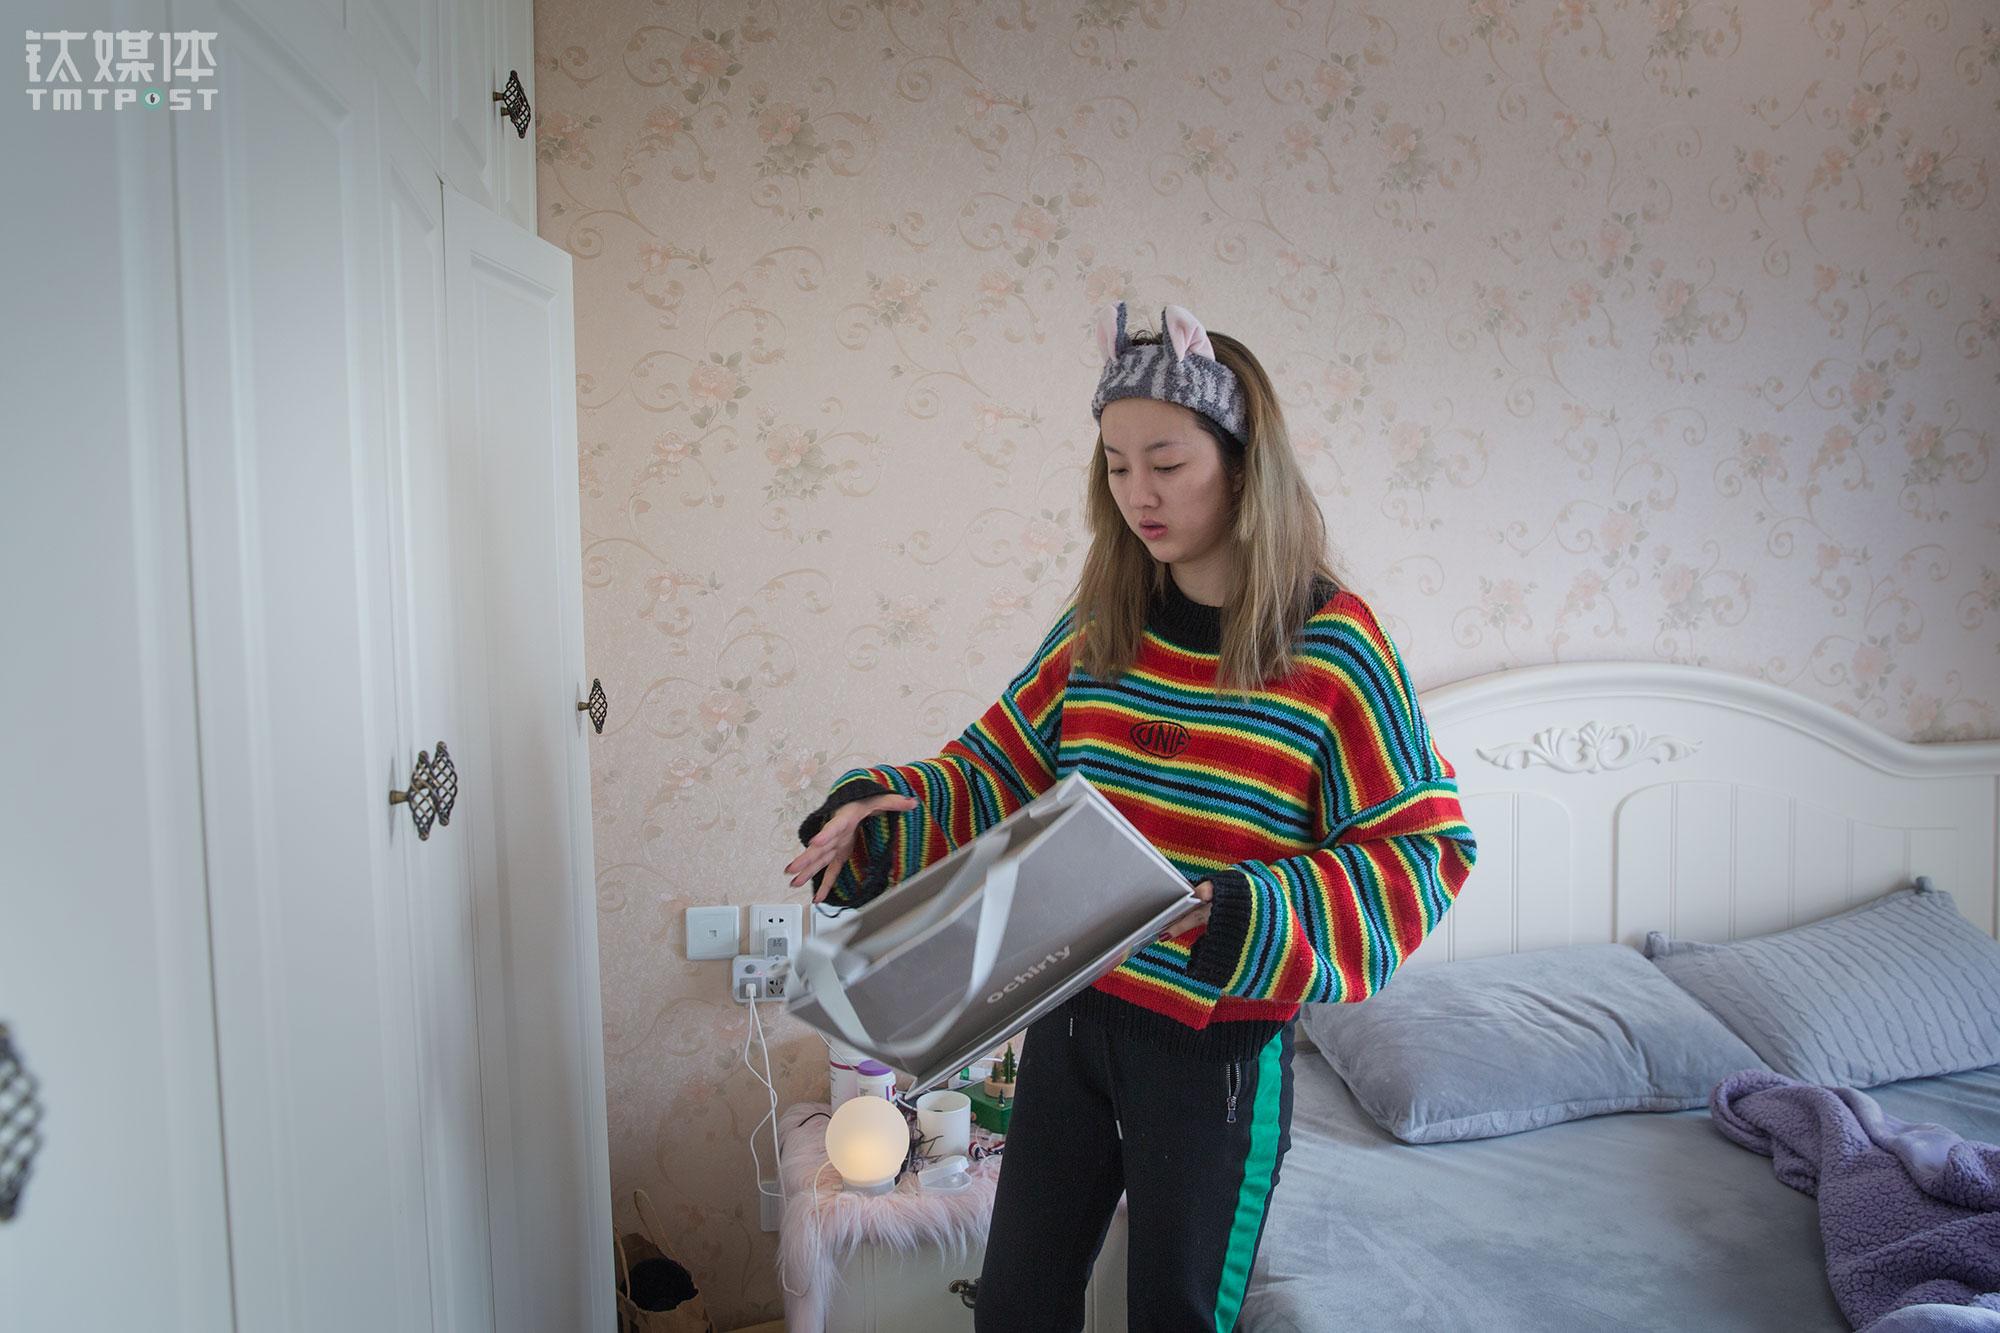 """这套三室的房子,位于望京SOHO旁边,是魏莫斯公司为三名网红租下的住处。家人一直劝她找一个""""踏实安稳""""的工作,他们觉得魏莫斯虽然收入不错但是实在""""吃青春饭"""",不过魏莫斯并不这么理解,她很热爱美妆并有一个目标,有一天可以创立一个自己的品牌,并且把这个品牌做大做好,""""我打算明年去国外进修美妆,其实这一行出路很多,有一天我不做网红了,我还可以做一个高级化妆师。"""""""